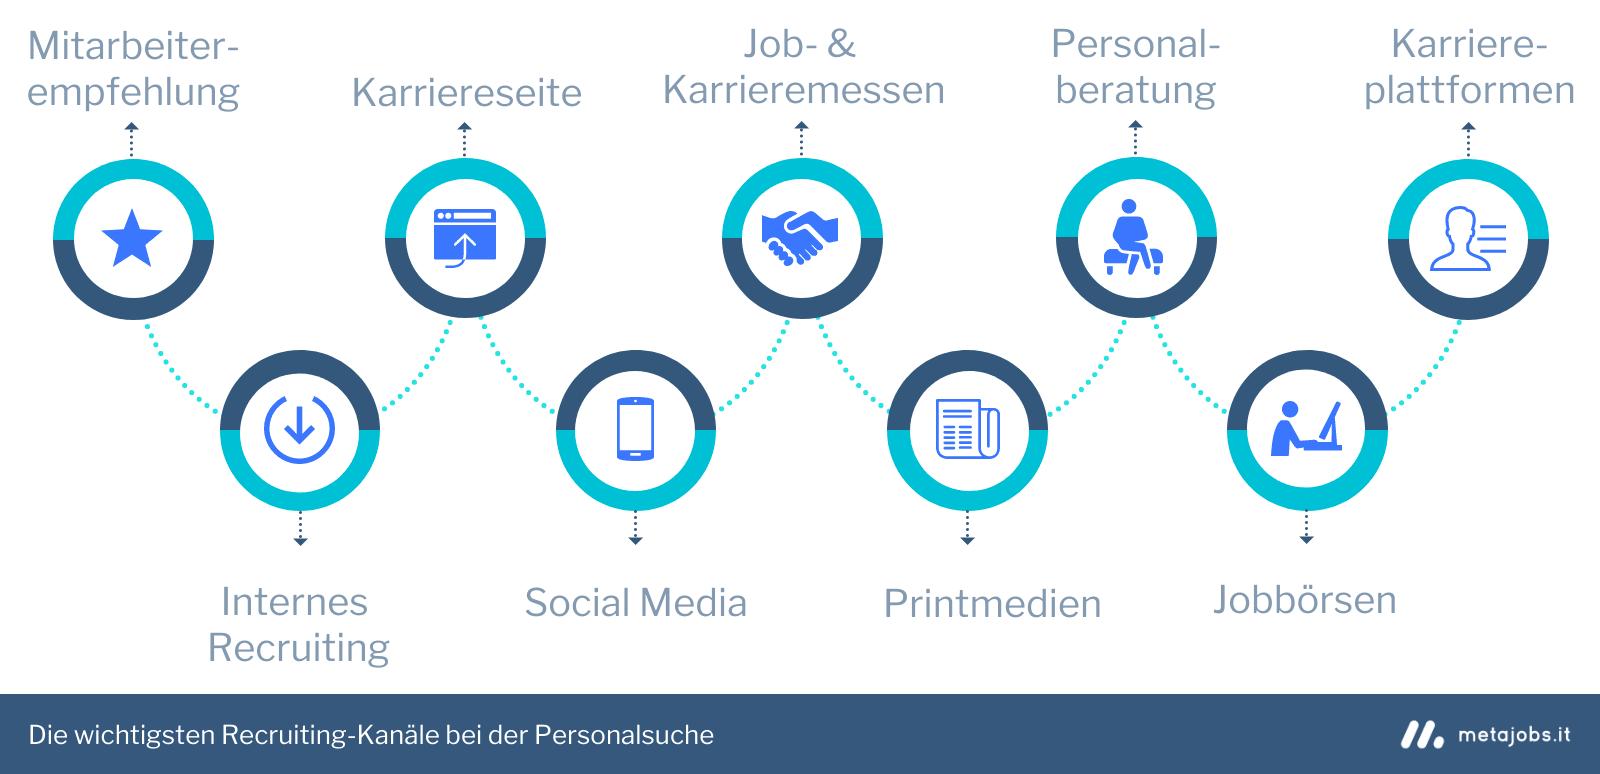 Die wichtigsten Recruiting-Kanäle bei der Personalsuche im Überblick Infografik